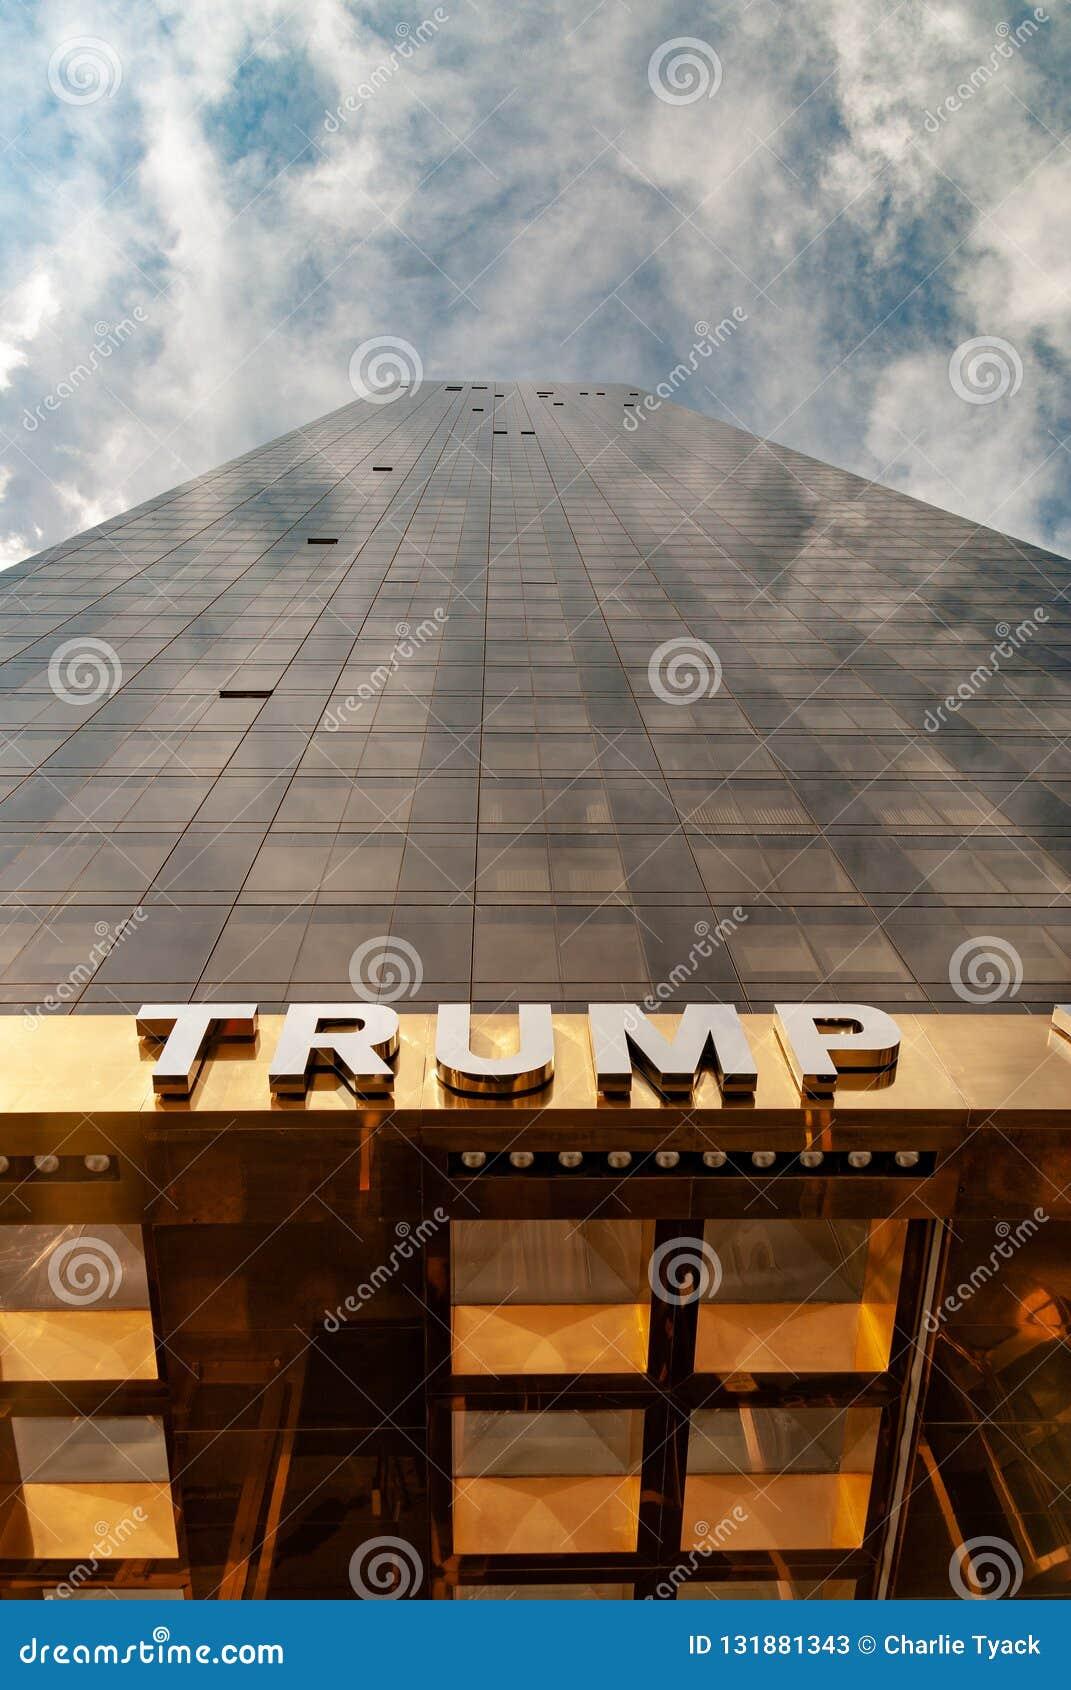 Nueva York, los E.E.U.U.: 29 de septiembre de 2009 - torre del mundo del triunfo - aspecto del retrato